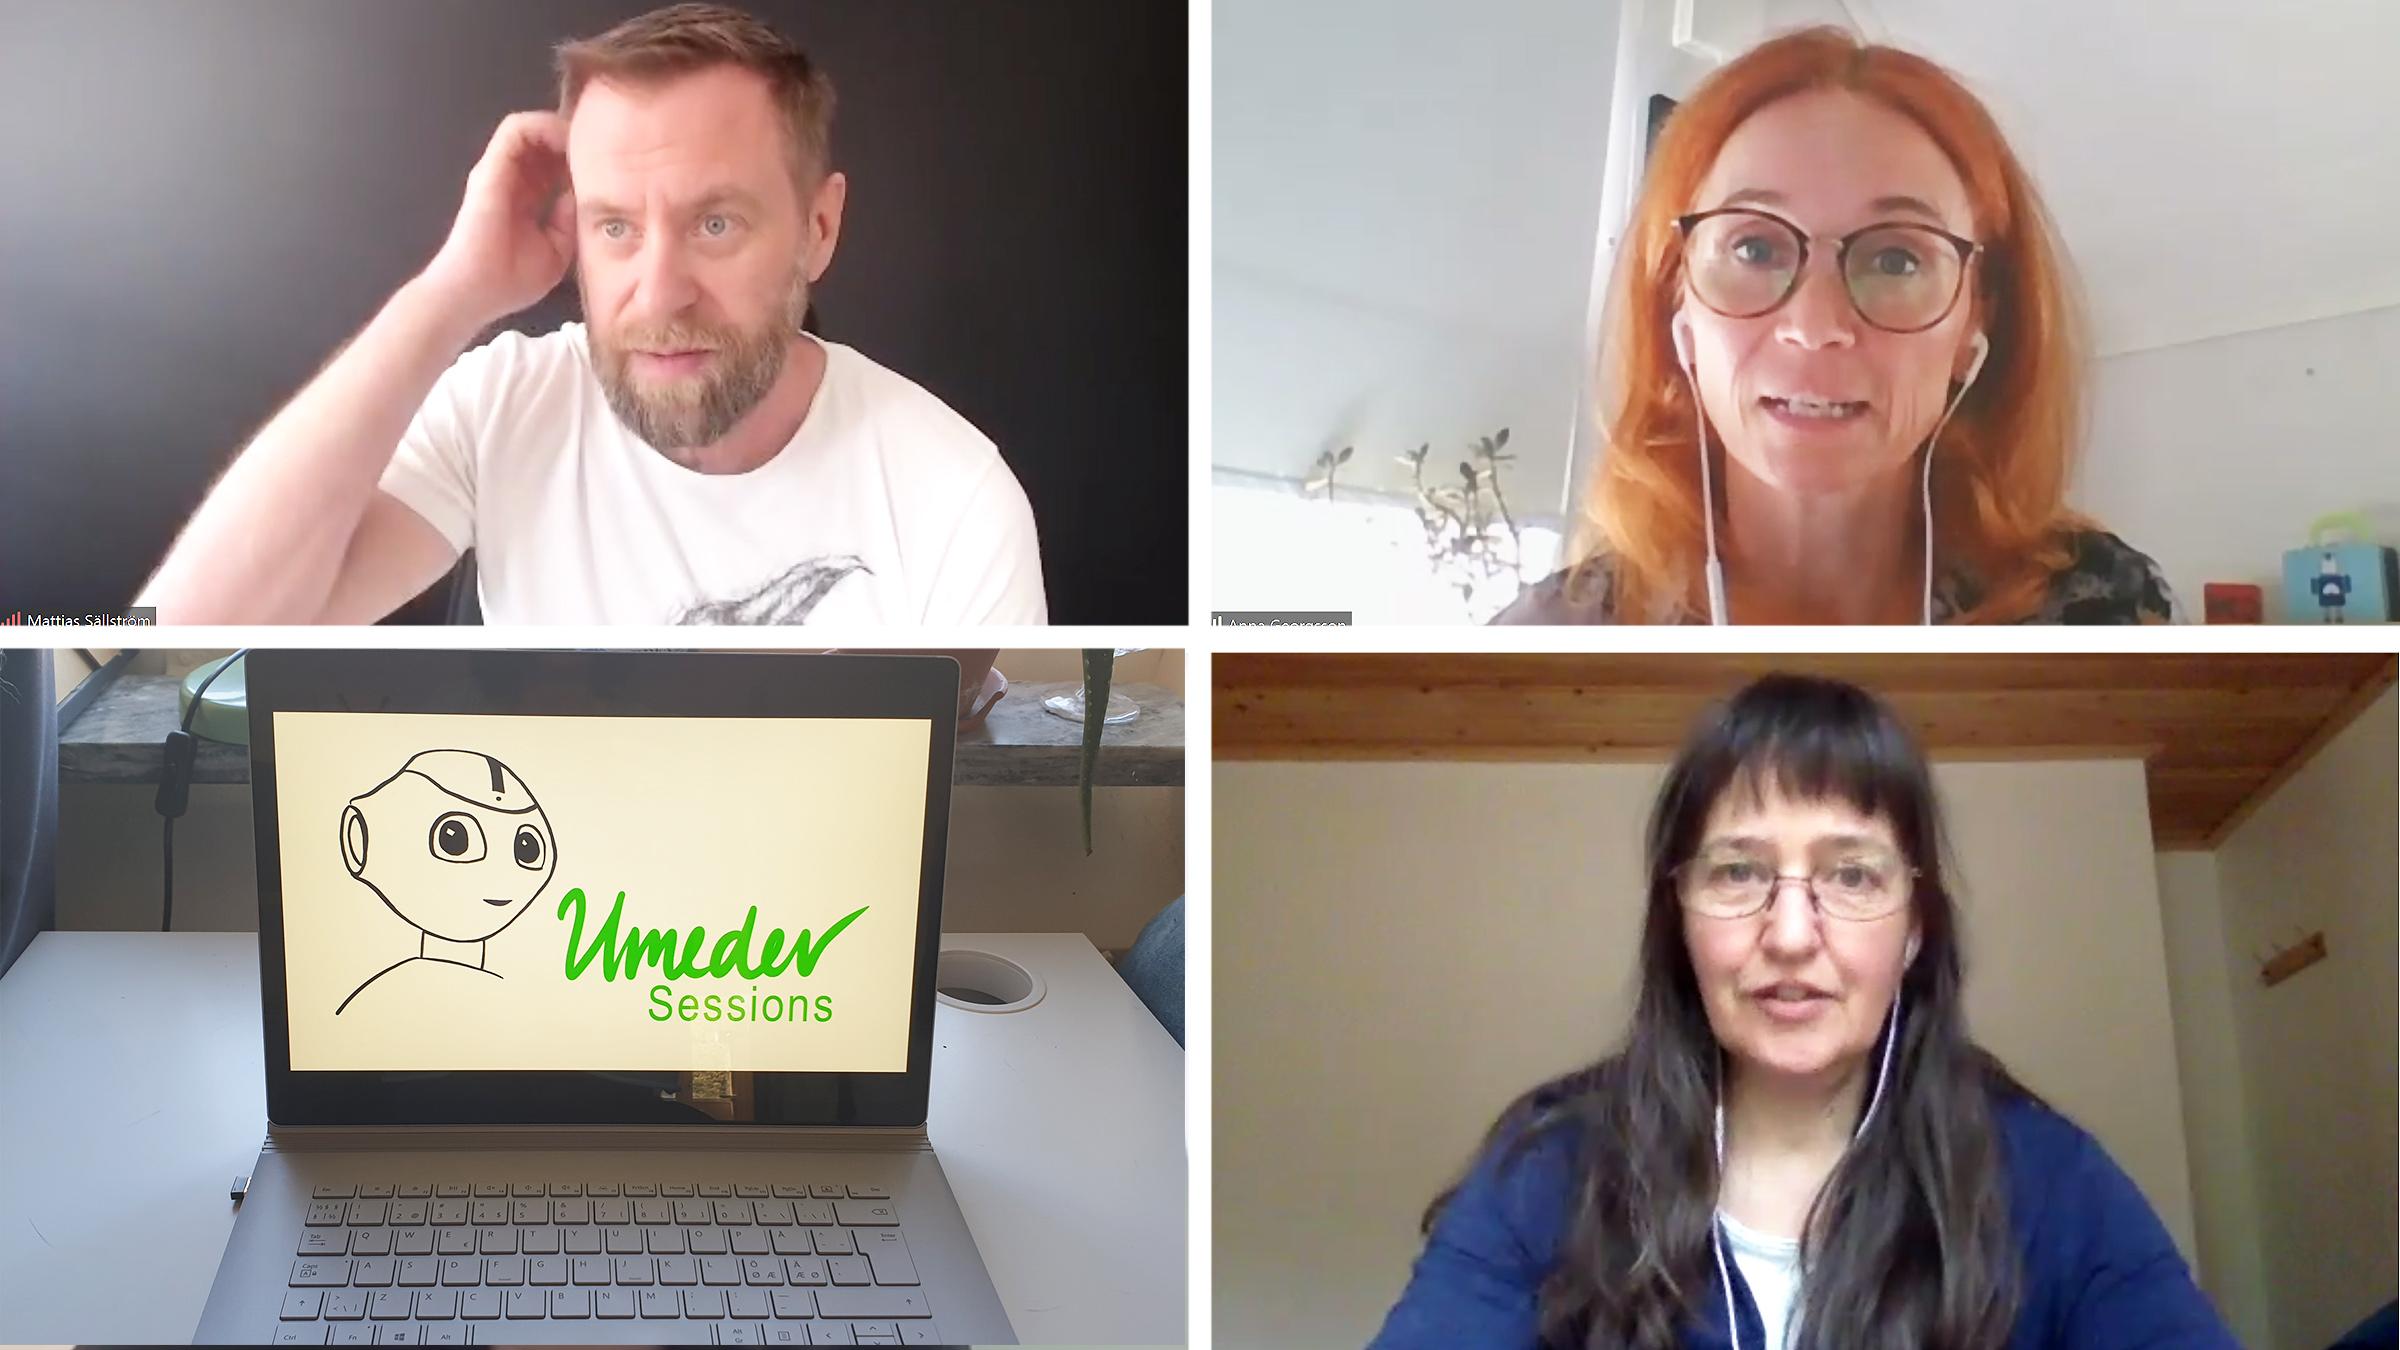 Umedev fick våren 2020 ställas om till en digital konferens. På bilden några av de medverkande: Mattias Sällström, Anna Georgsson och Christina Skaskiw.